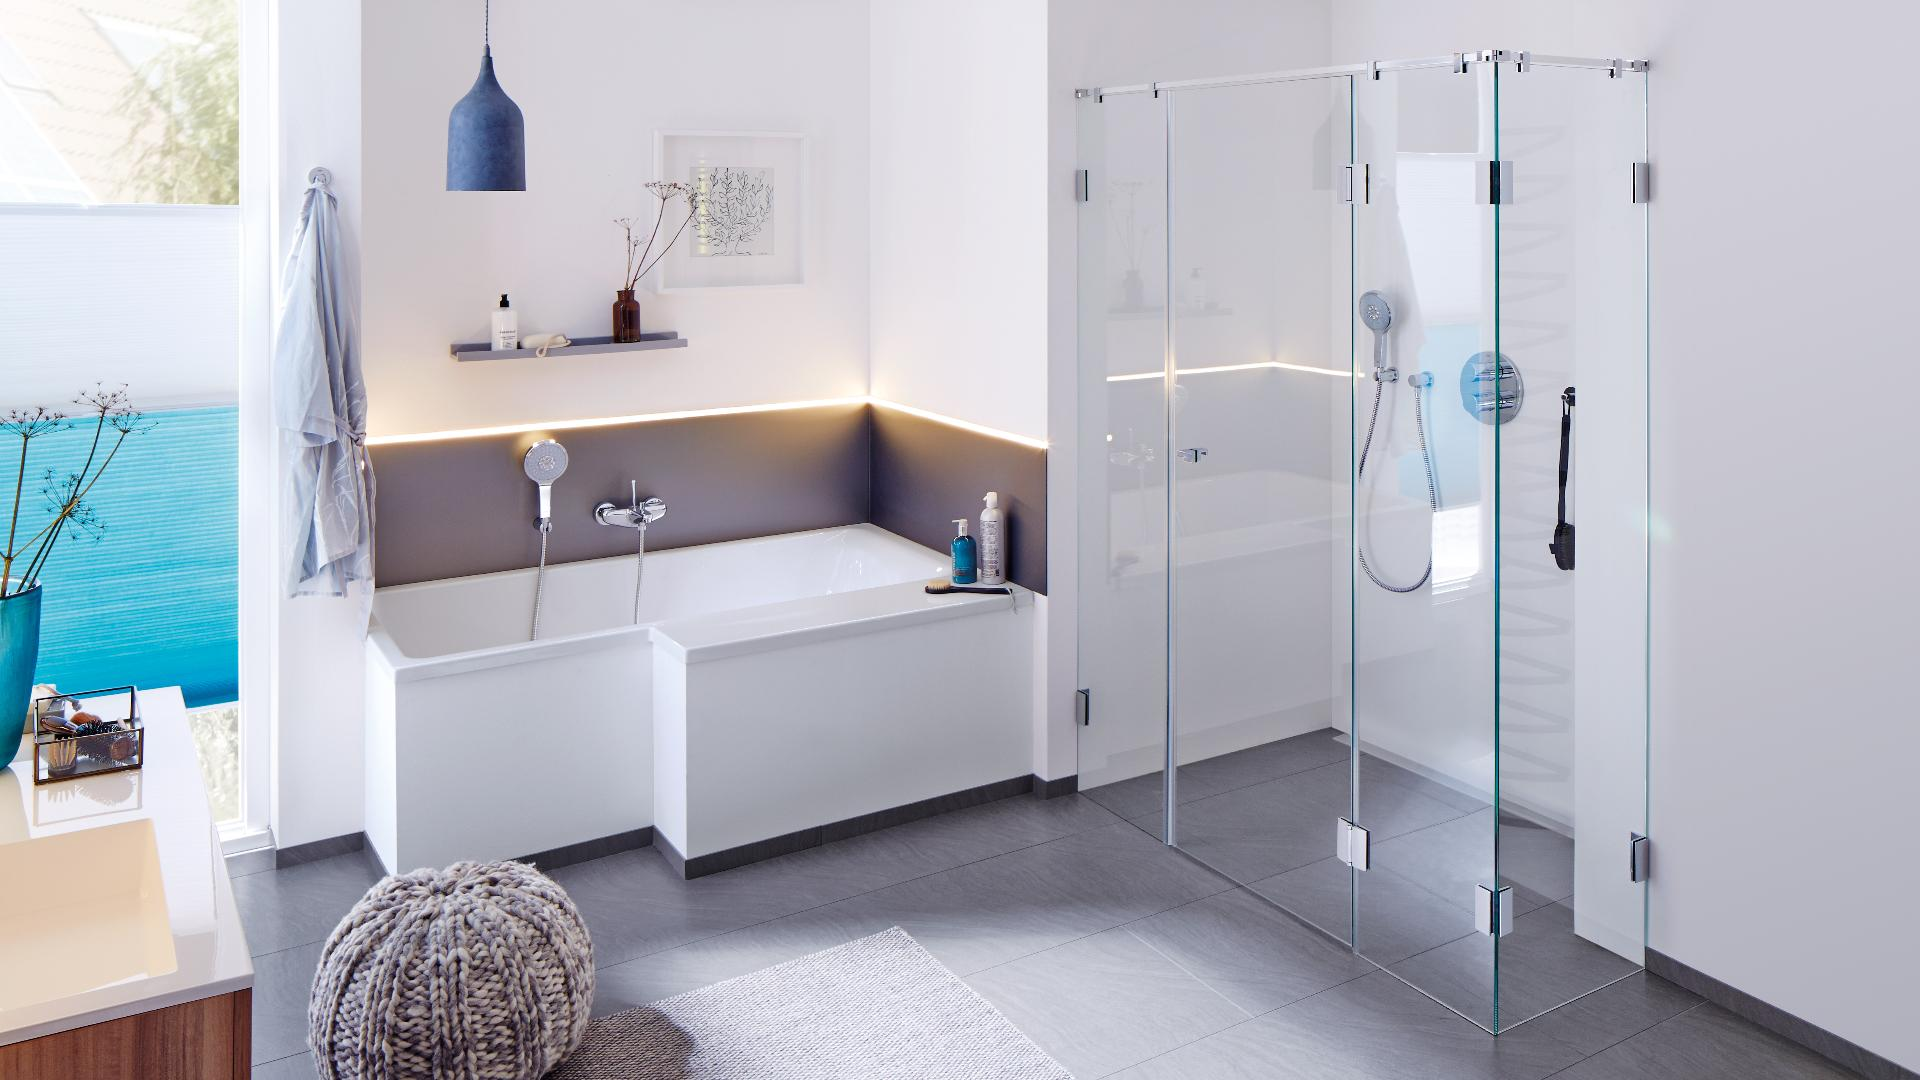 Badezimmer mit Badewanne und Dusche mit Glastür